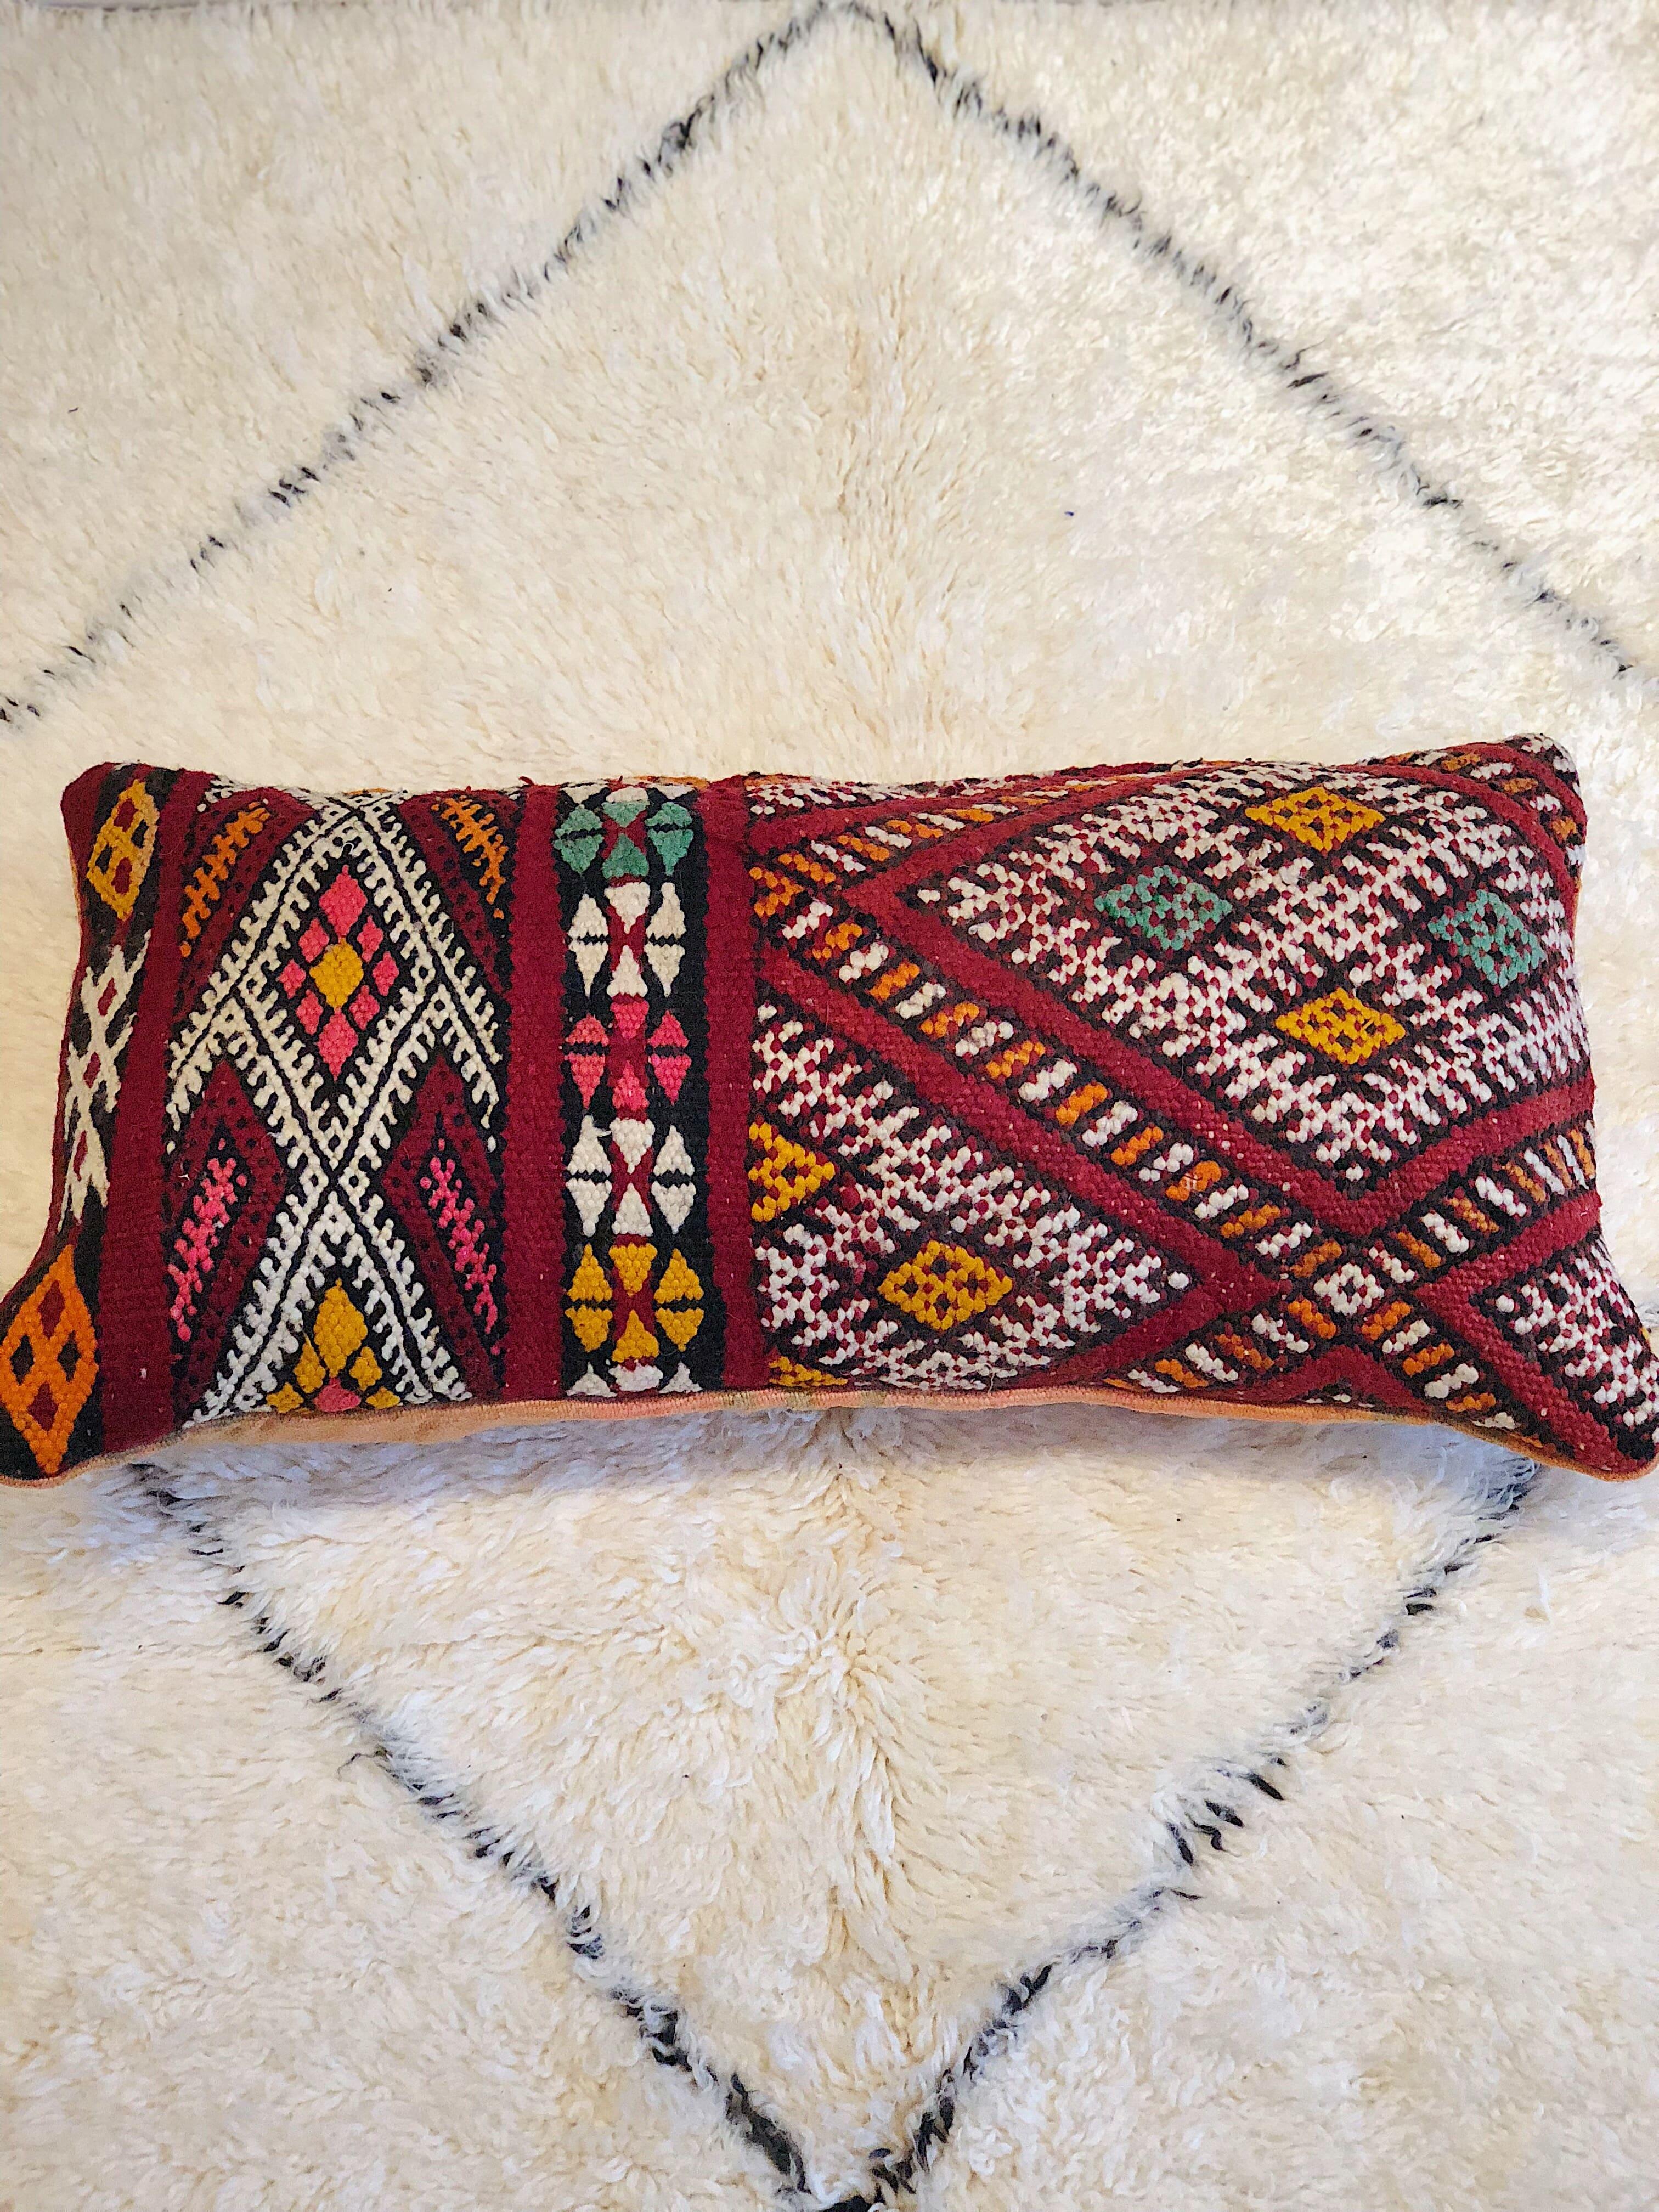 Coussin Kilim Marocain Fait A Partir De Tapis Kilim Marocain